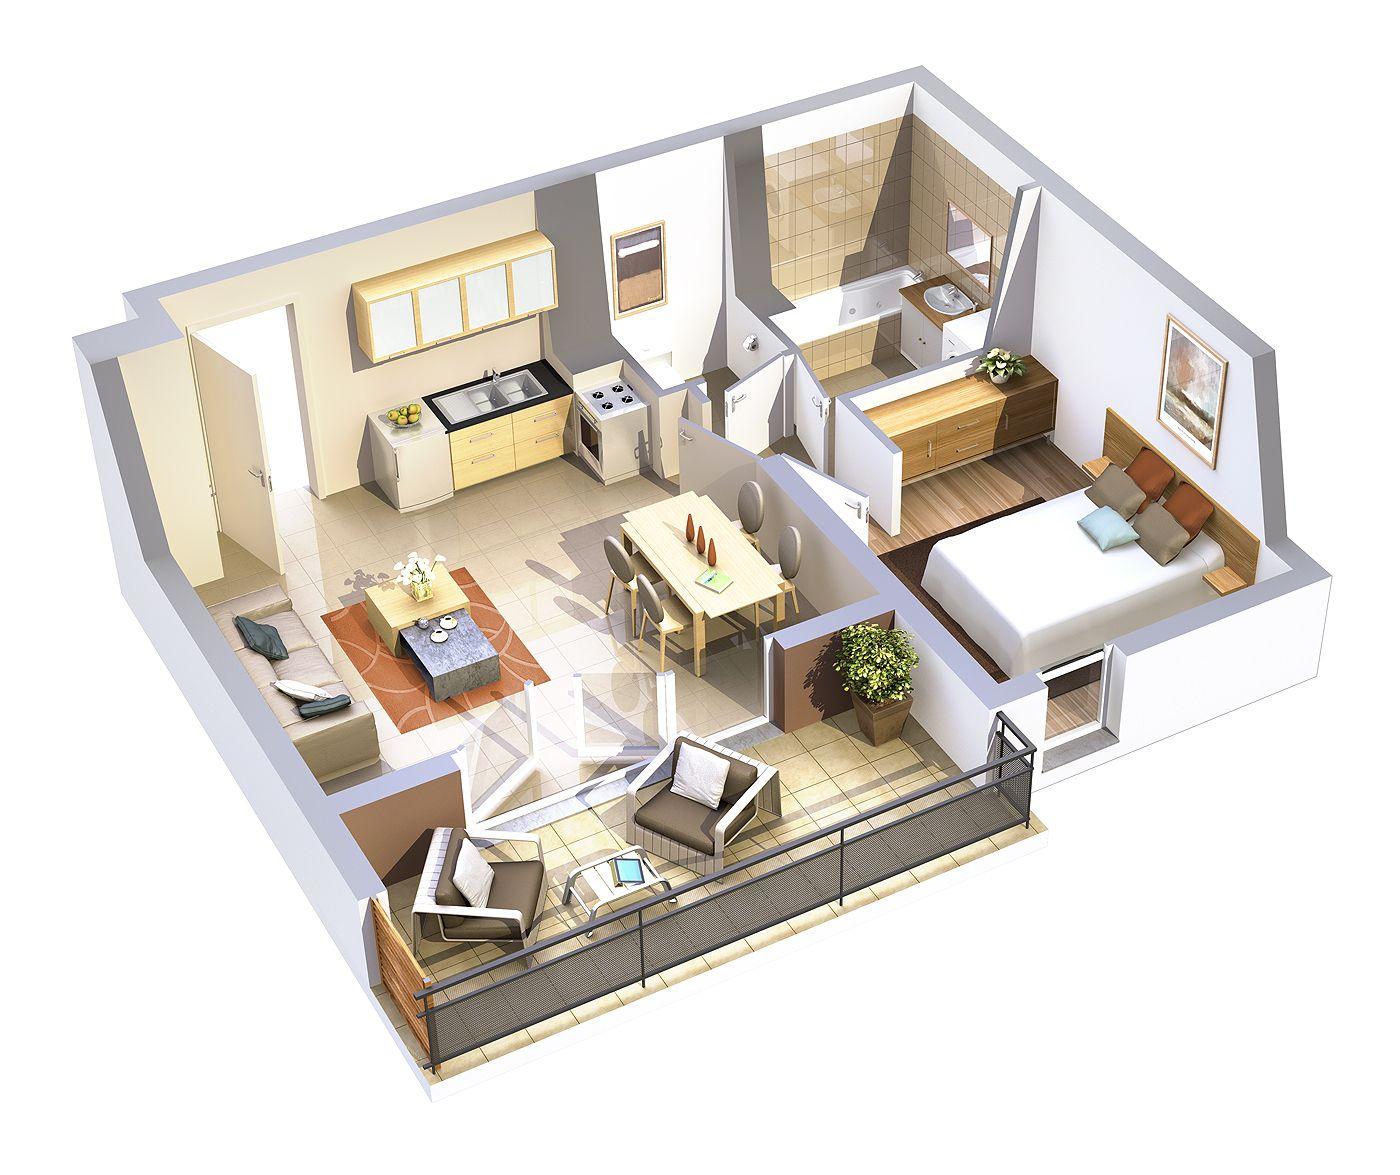 Home Design 3d 2 Etage: Plan 3D - Attik Images